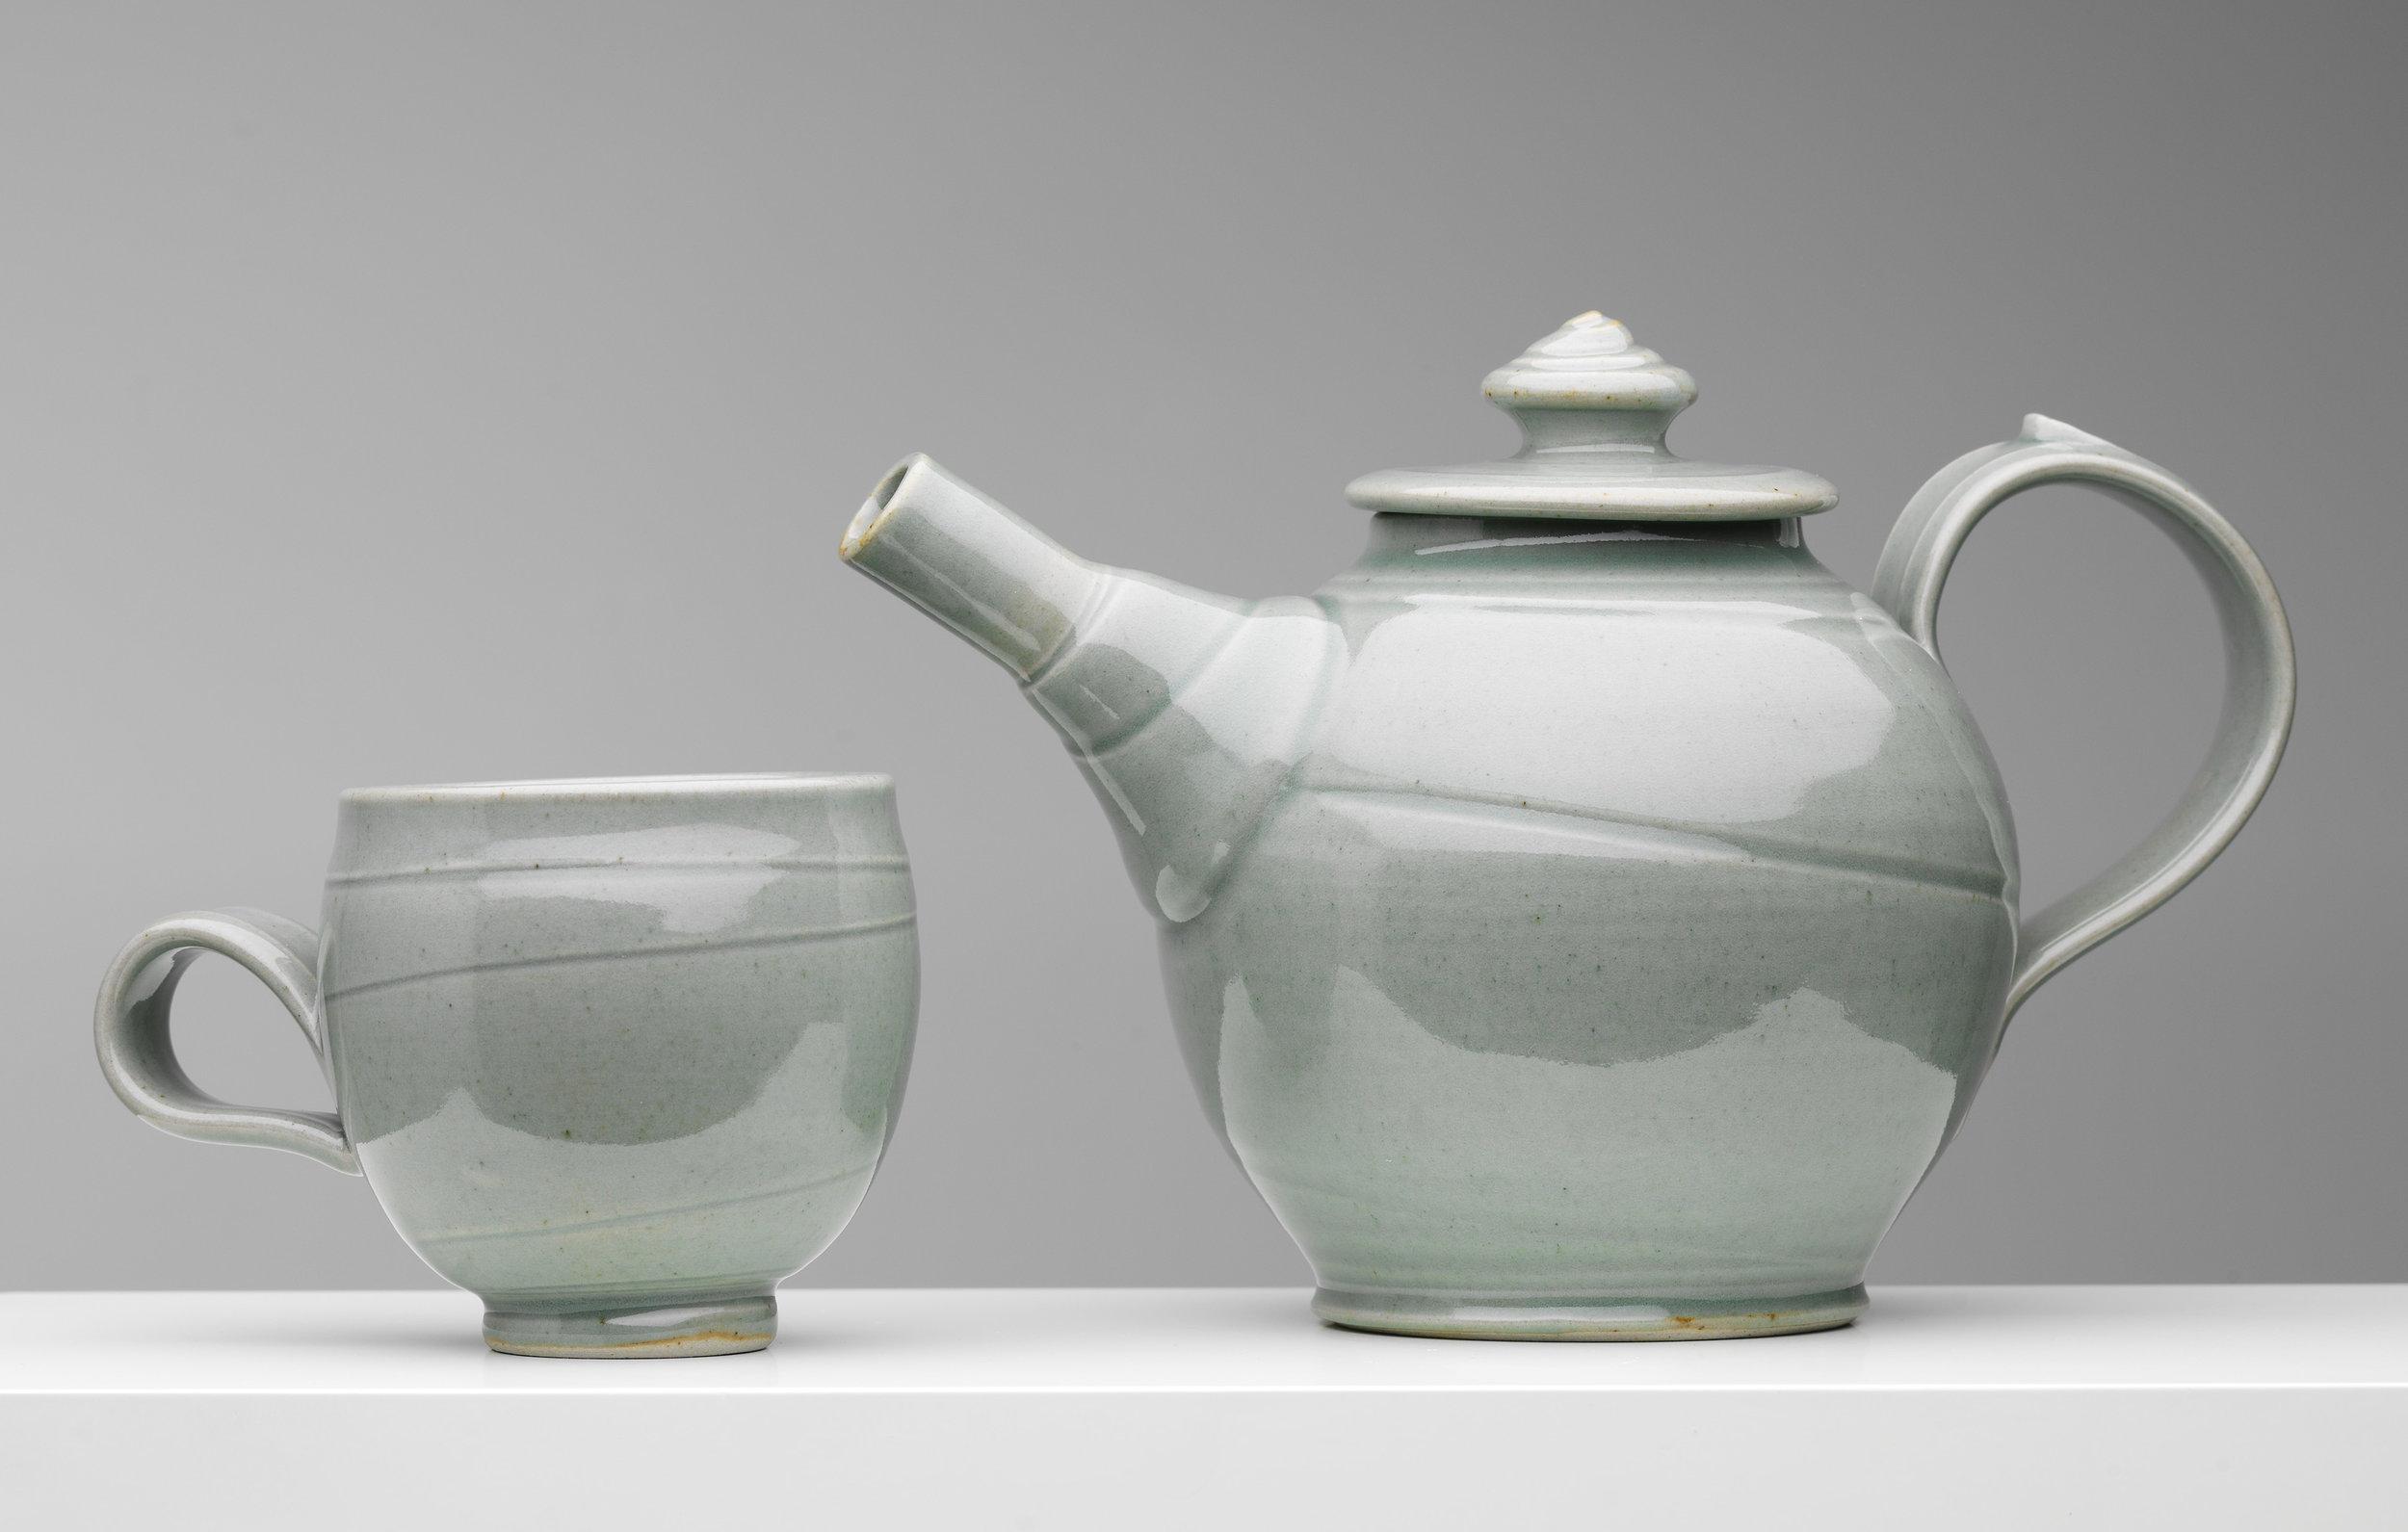 teapot-and-mug-01.jpg